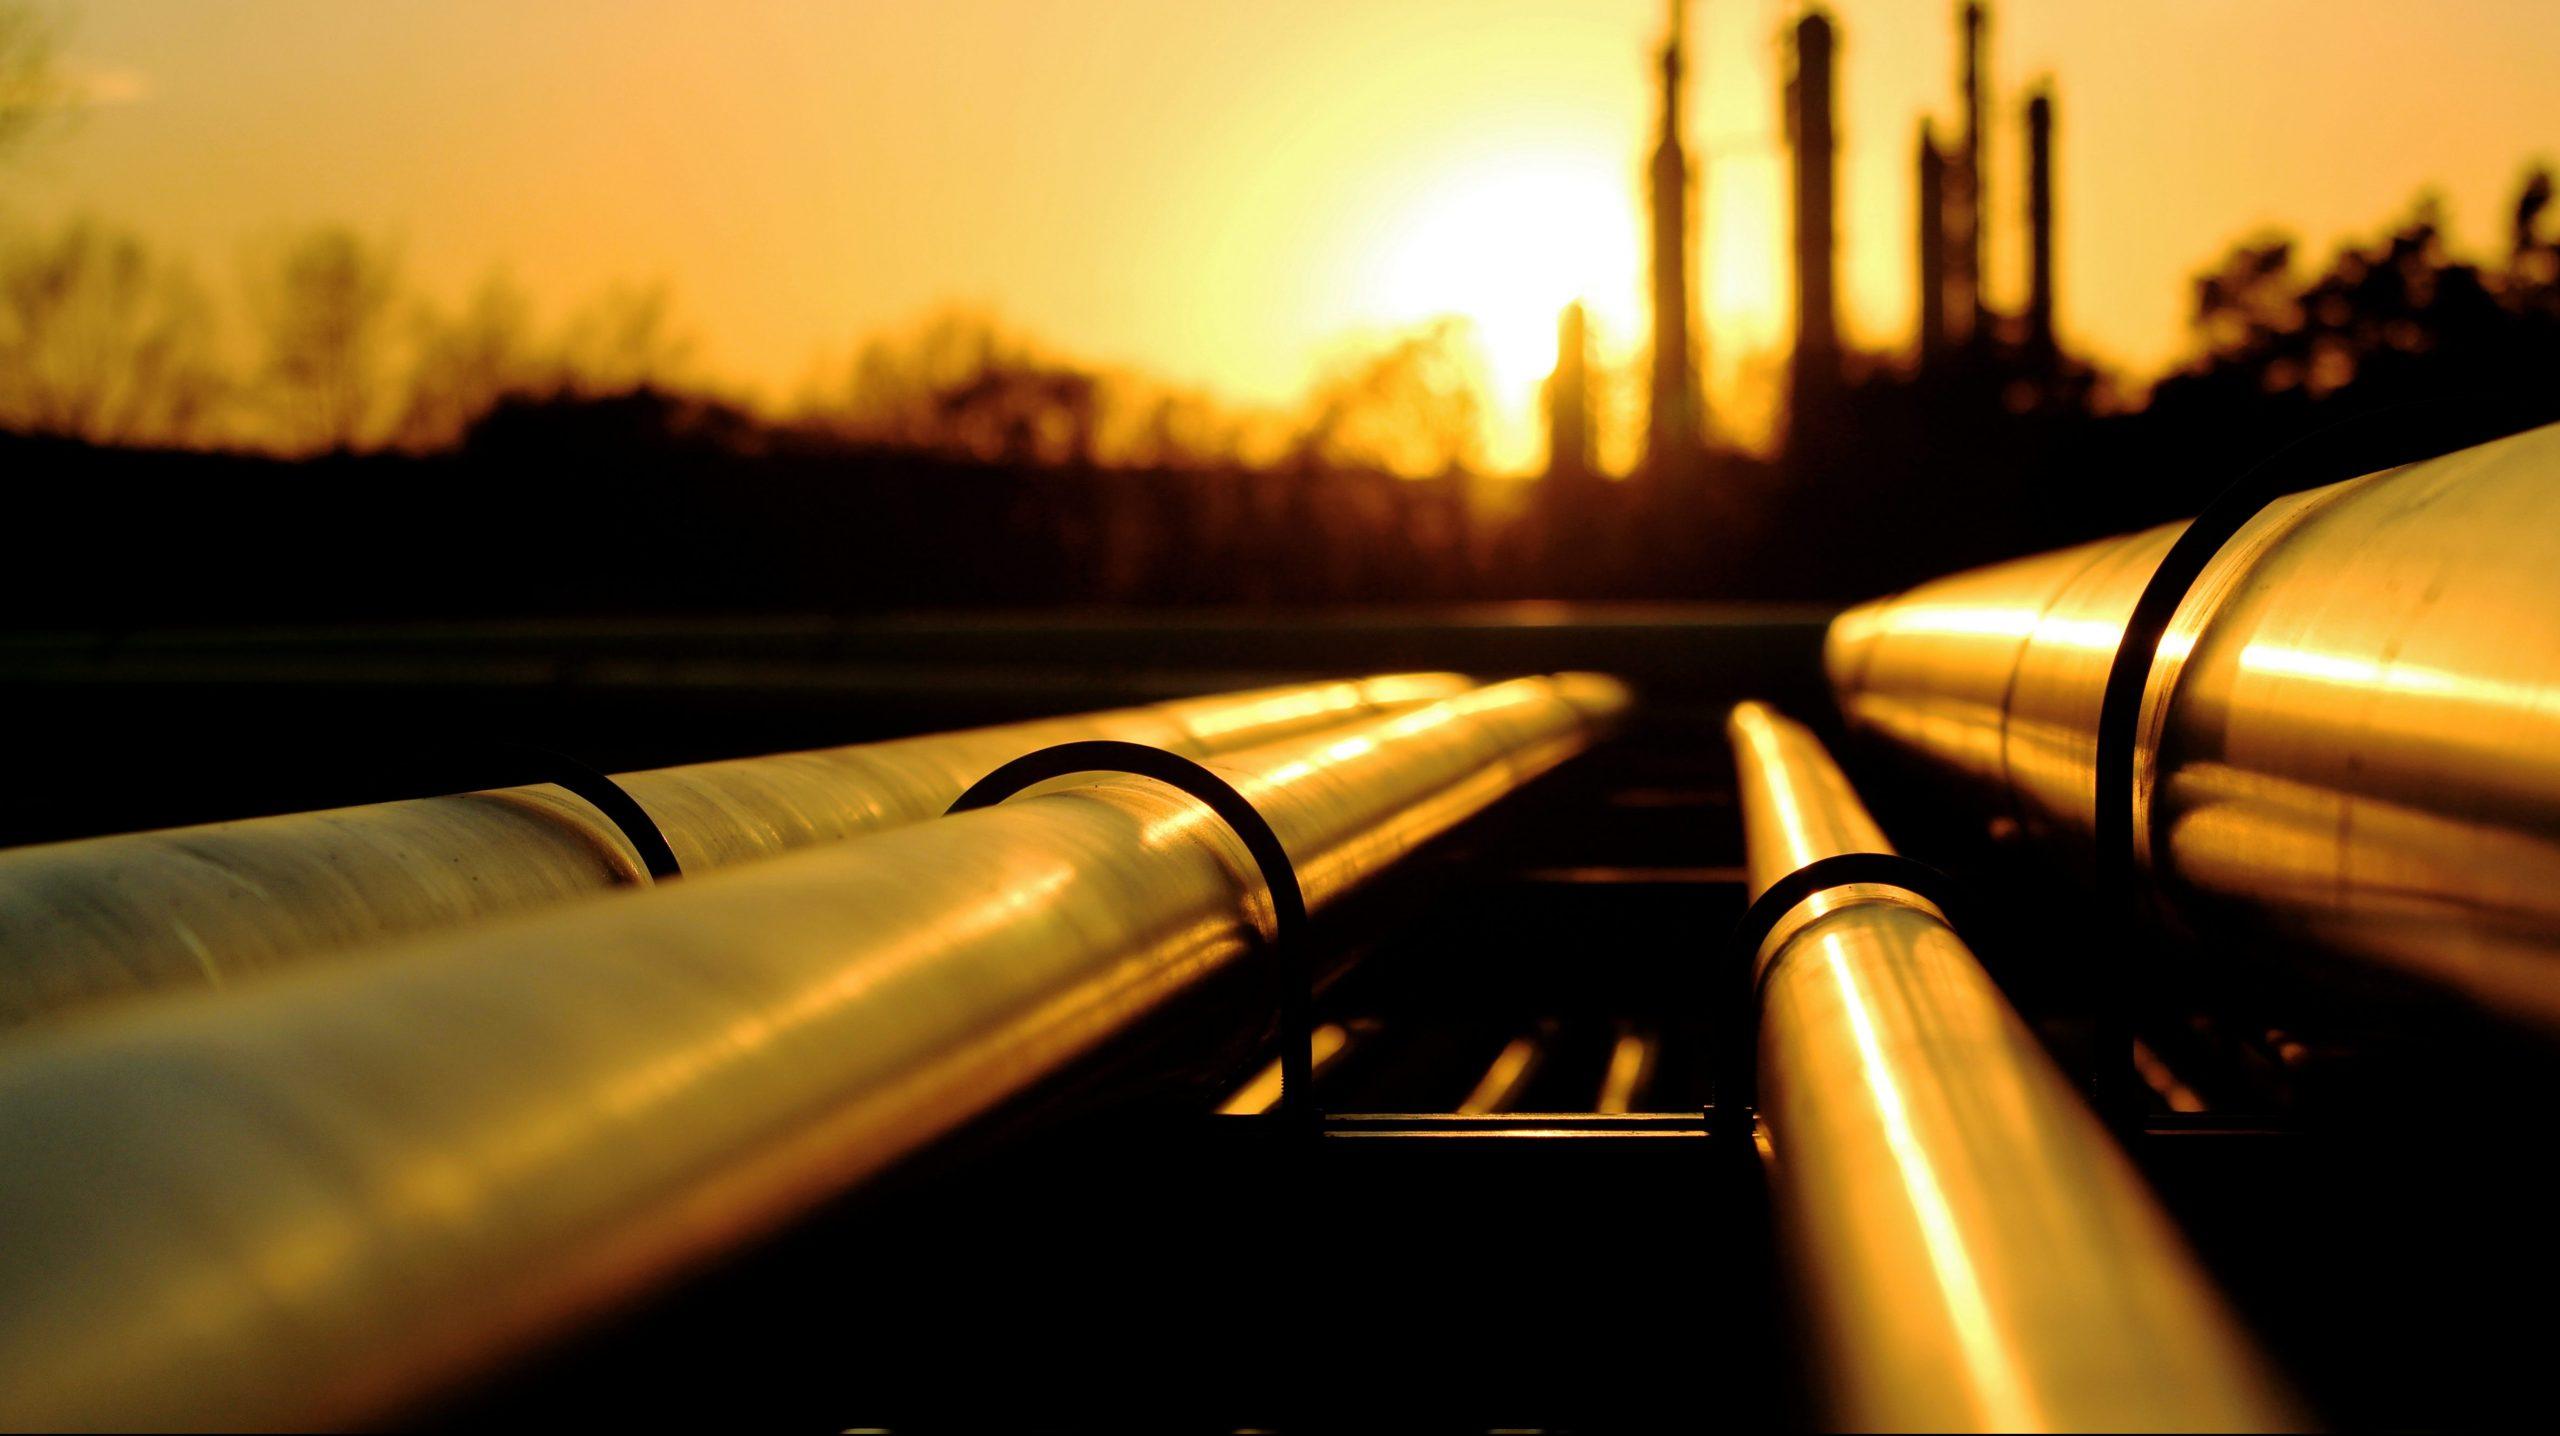 Kinder Morgan Pipeline Meeting